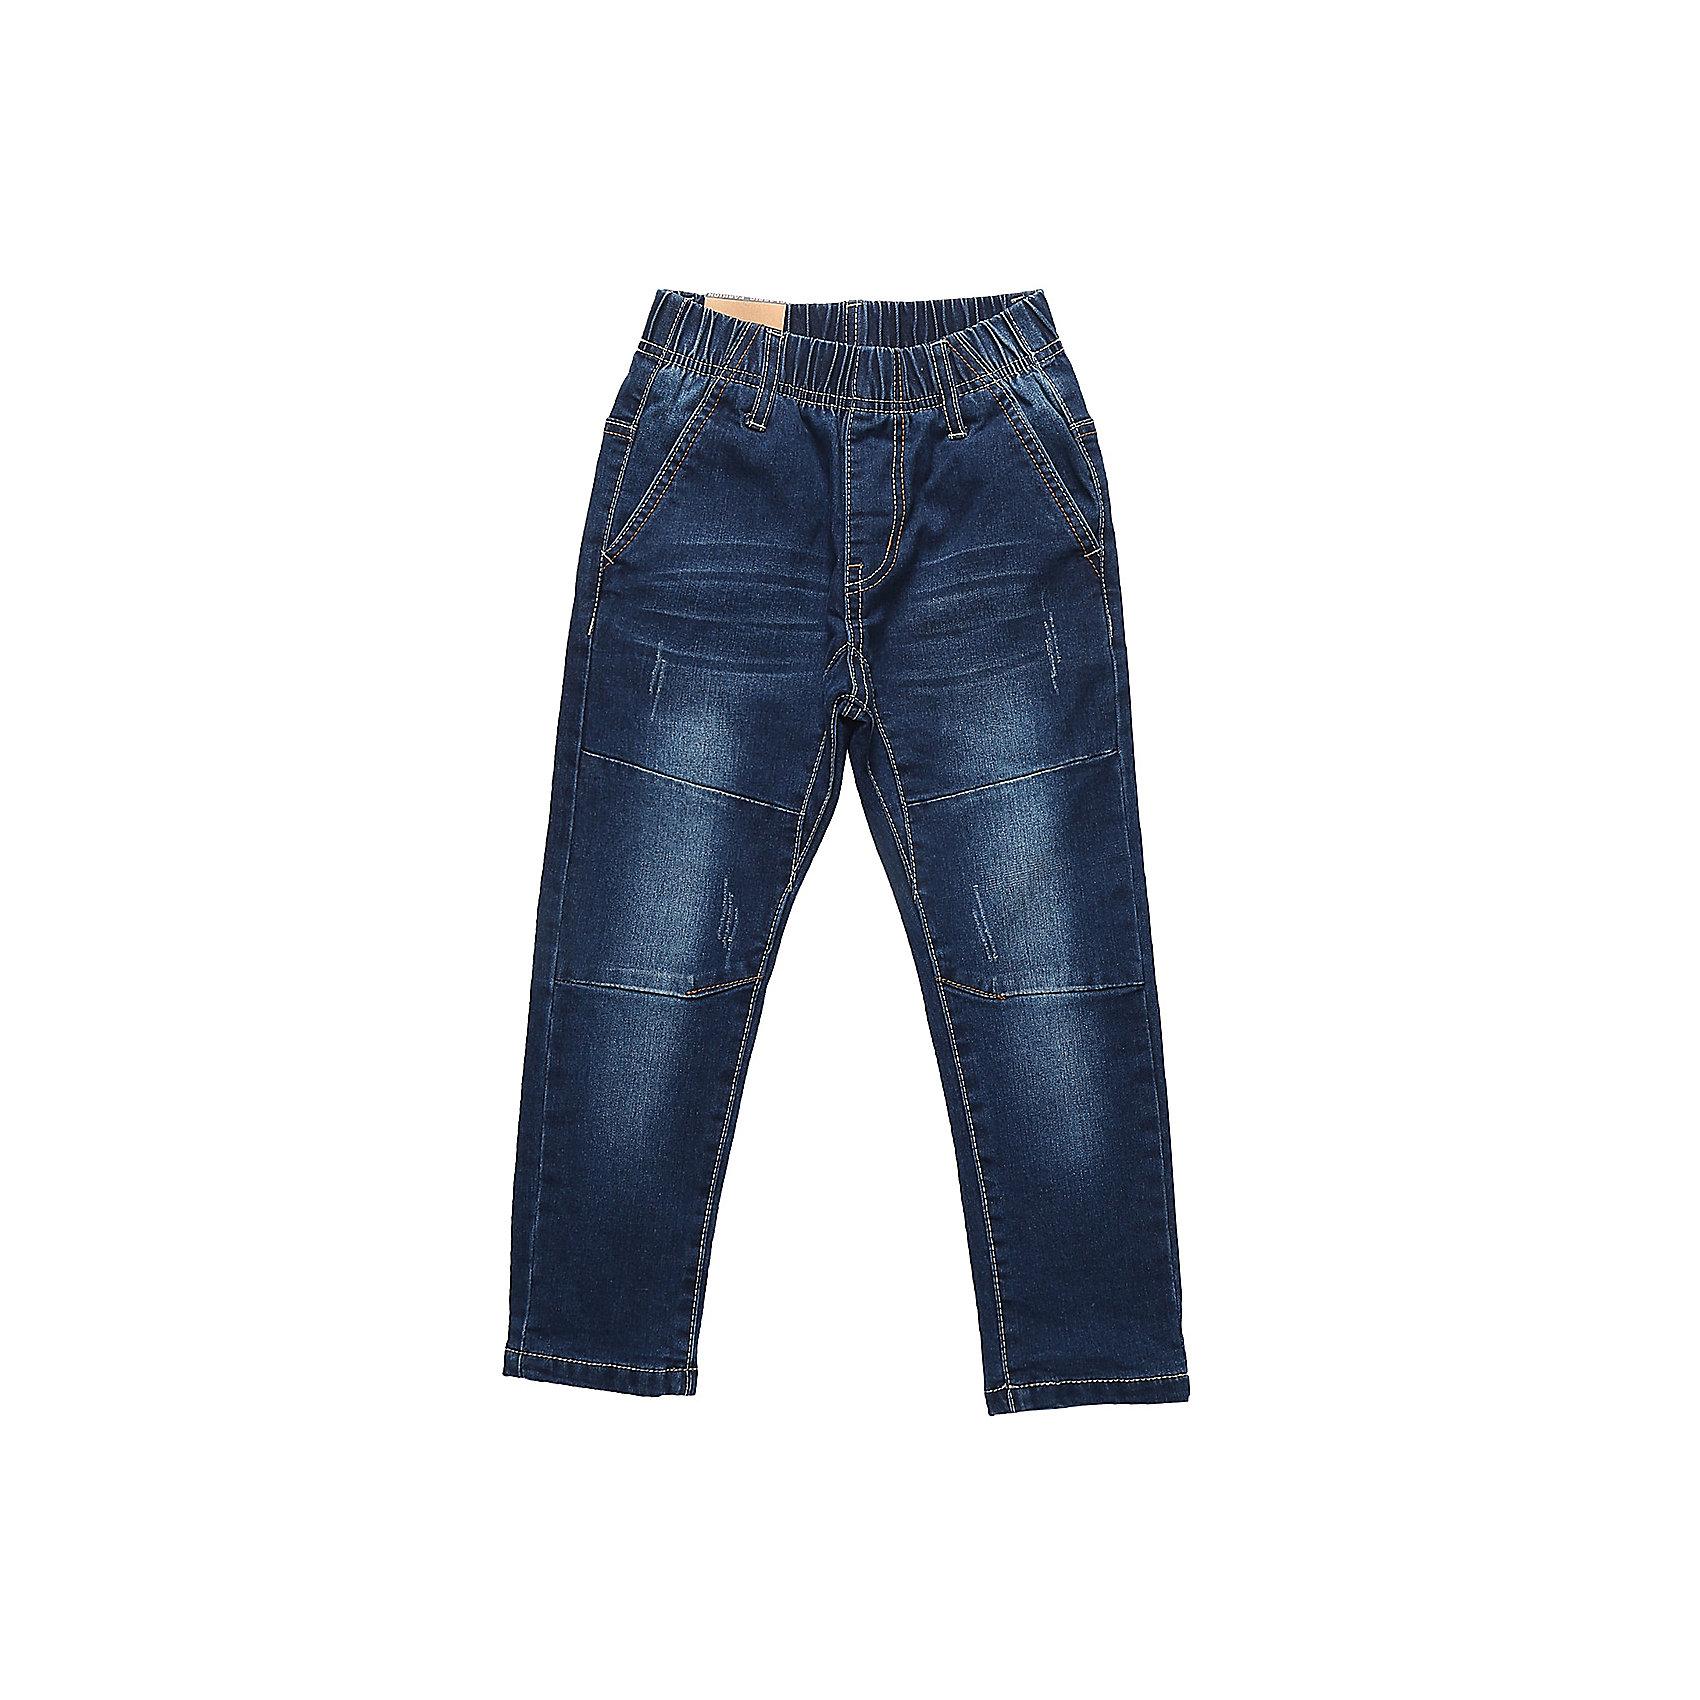 Брюки Sweet Berry для мальчикаДжинсовая одежда<br>Брюки Sweet Berry для мальчика<br>Джинсовый брюки для мальчика с оригинальной варкой и эластичным поясом. Зауженный крой, средняя посадка. Шлевки на поясе рассчитаны под ремень. В боковой части пояса находятся вшитые эластичные ленты, регулирующие посадку по талии.<br>Состав:<br>98% хлопок, 2% спандекс<br><br>Ширина мм: 215<br>Глубина мм: 88<br>Высота мм: 191<br>Вес г: 336<br>Цвет: синий<br>Возраст от месяцев: 84<br>Возраст до месяцев: 96<br>Пол: Мужской<br>Возраст: Детский<br>Размер: 128,98,104,110,116,122<br>SKU: 7093751